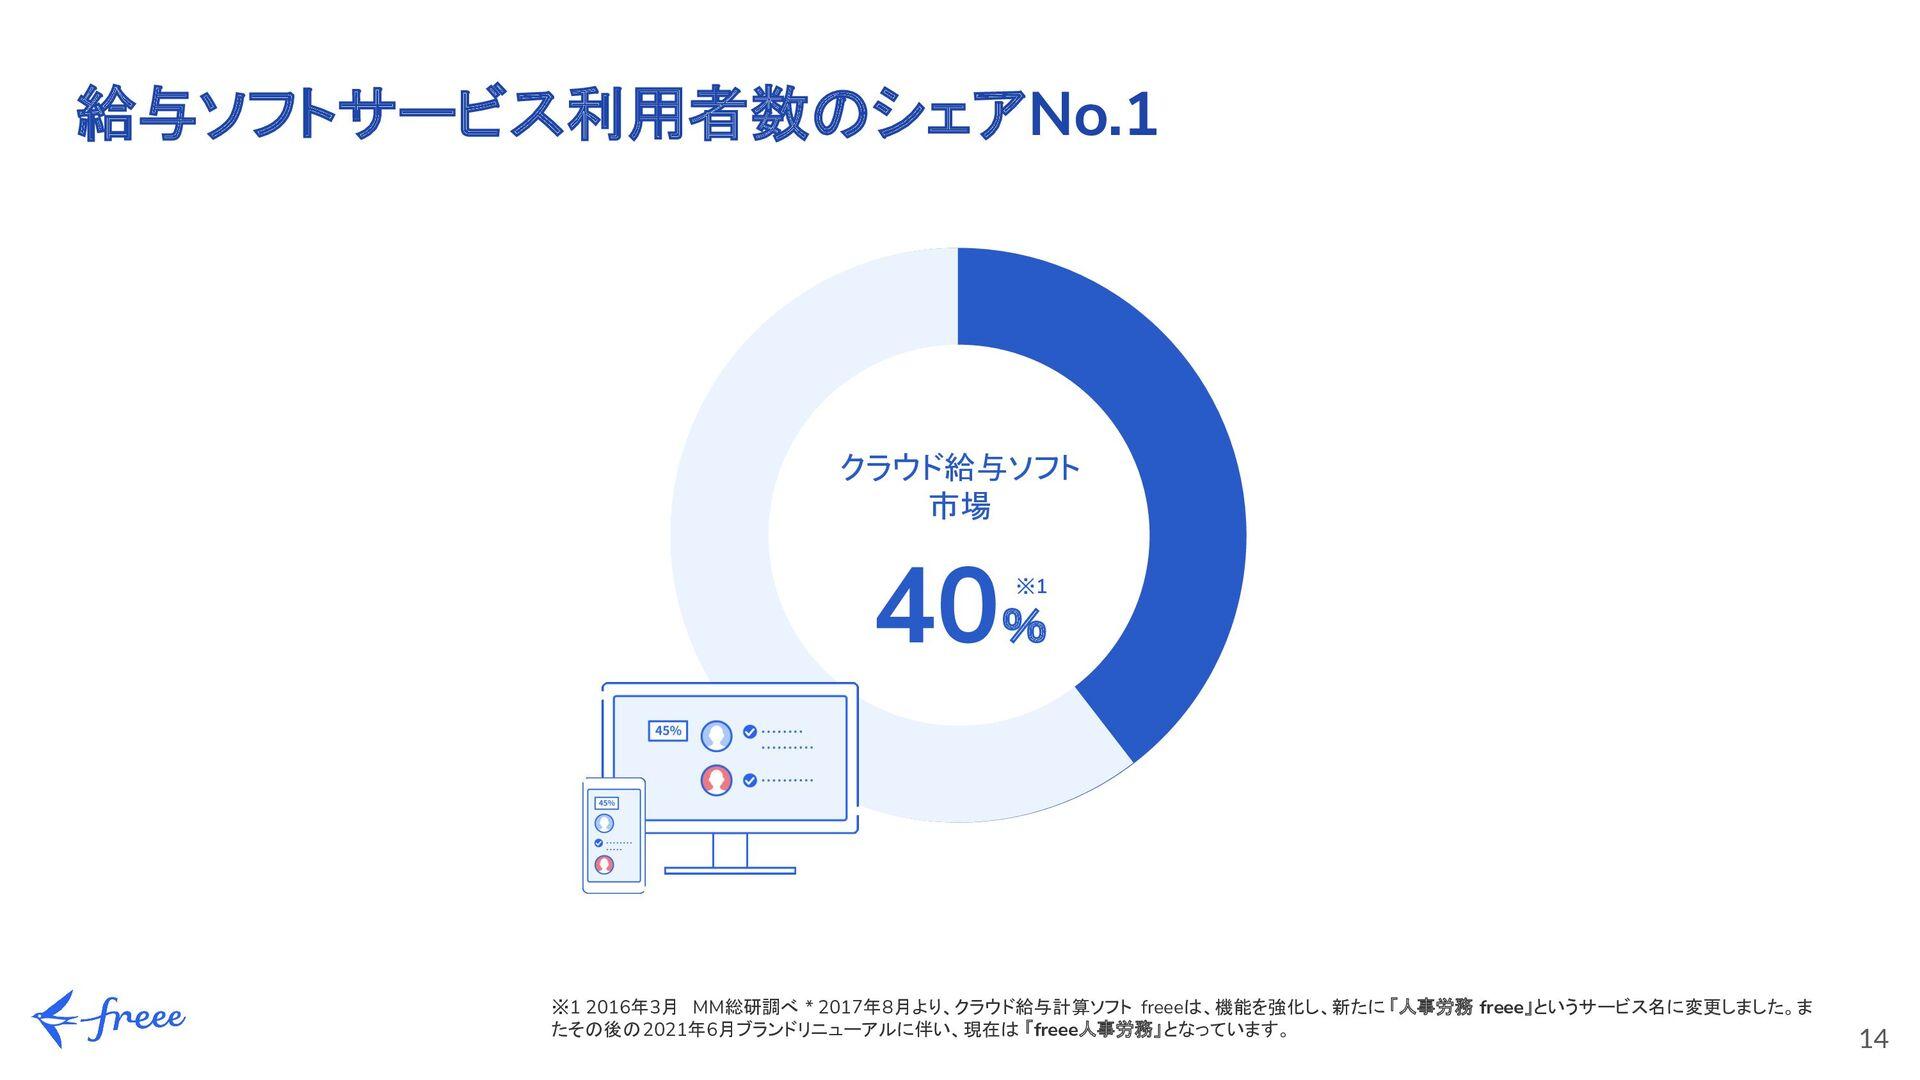 14 従業員21名以上の法人のうち(1) 3社に1社 freeeアプリストア内の 連携アプリを...